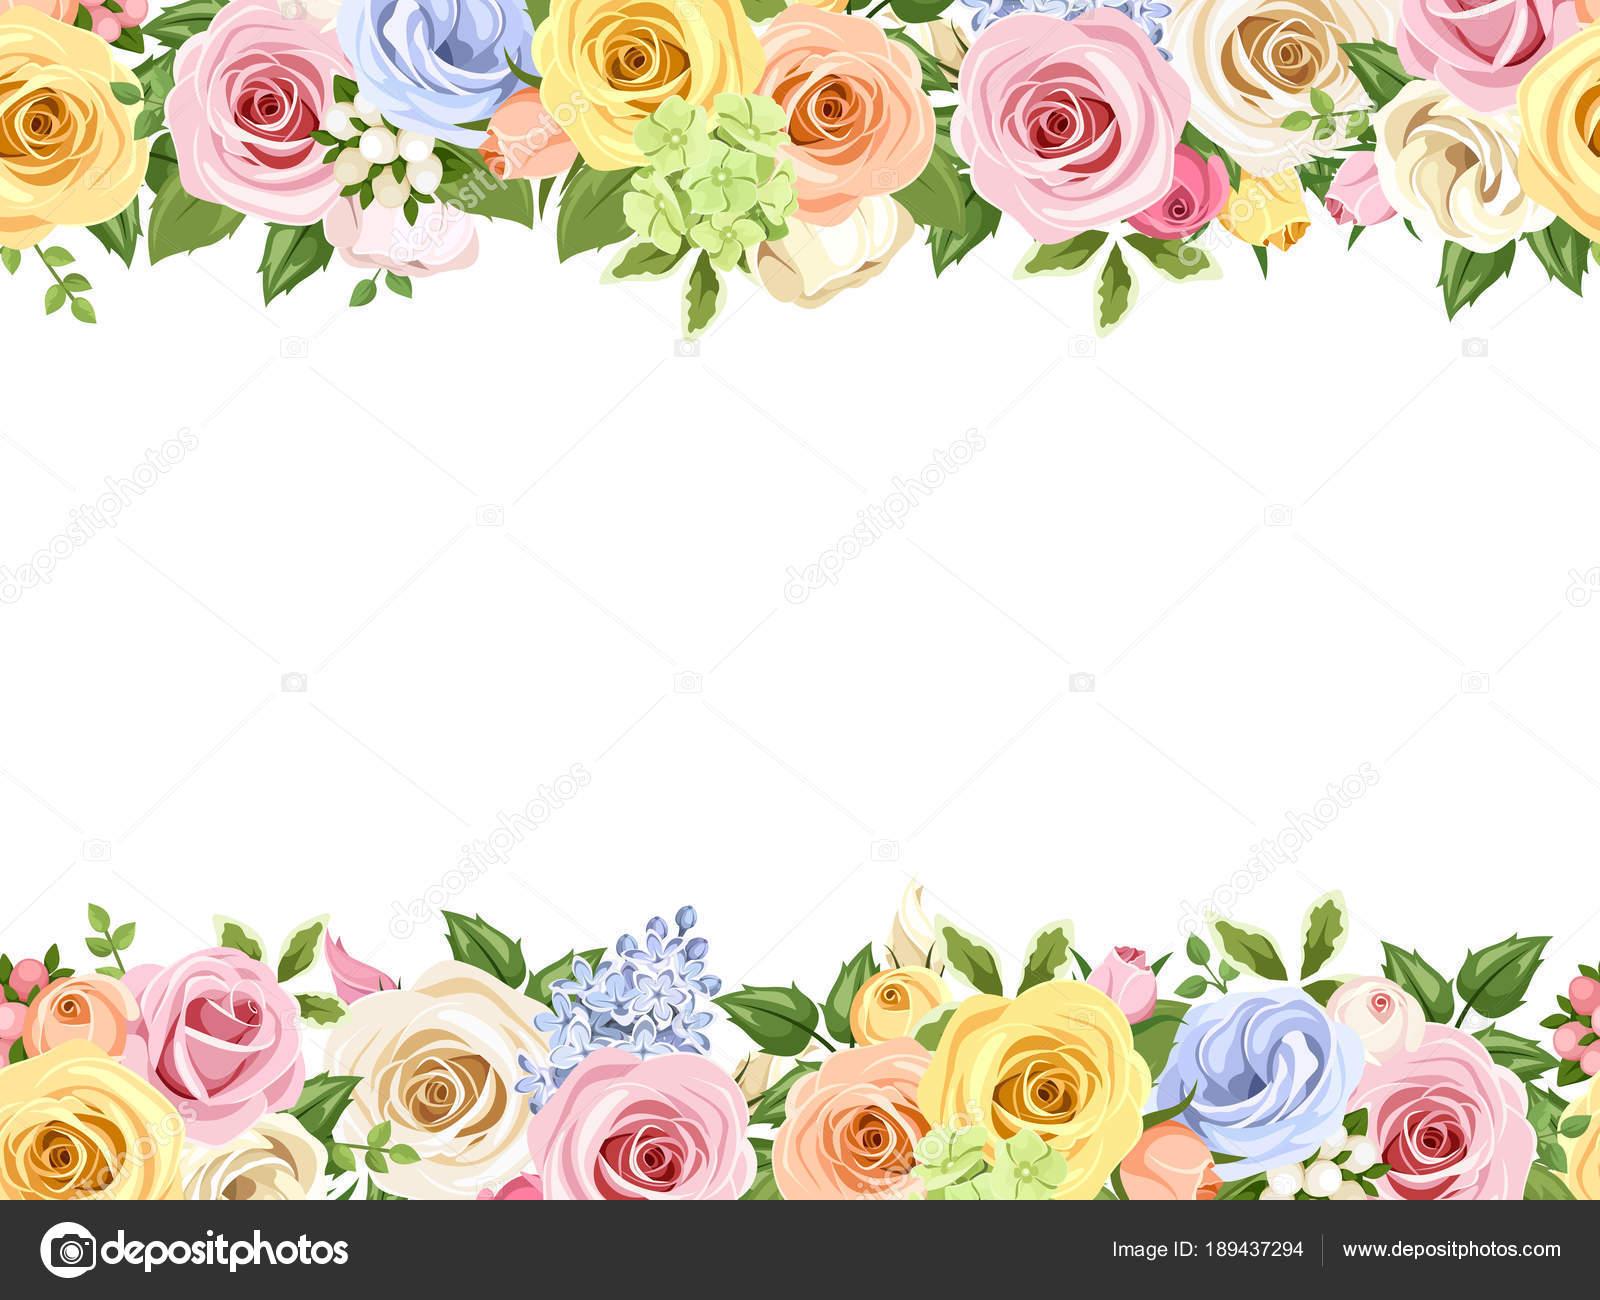 Flores Vectoriales Con Fondo Transparente: Fondo Transparente Horizontal Del Vector Con Flores Rosas